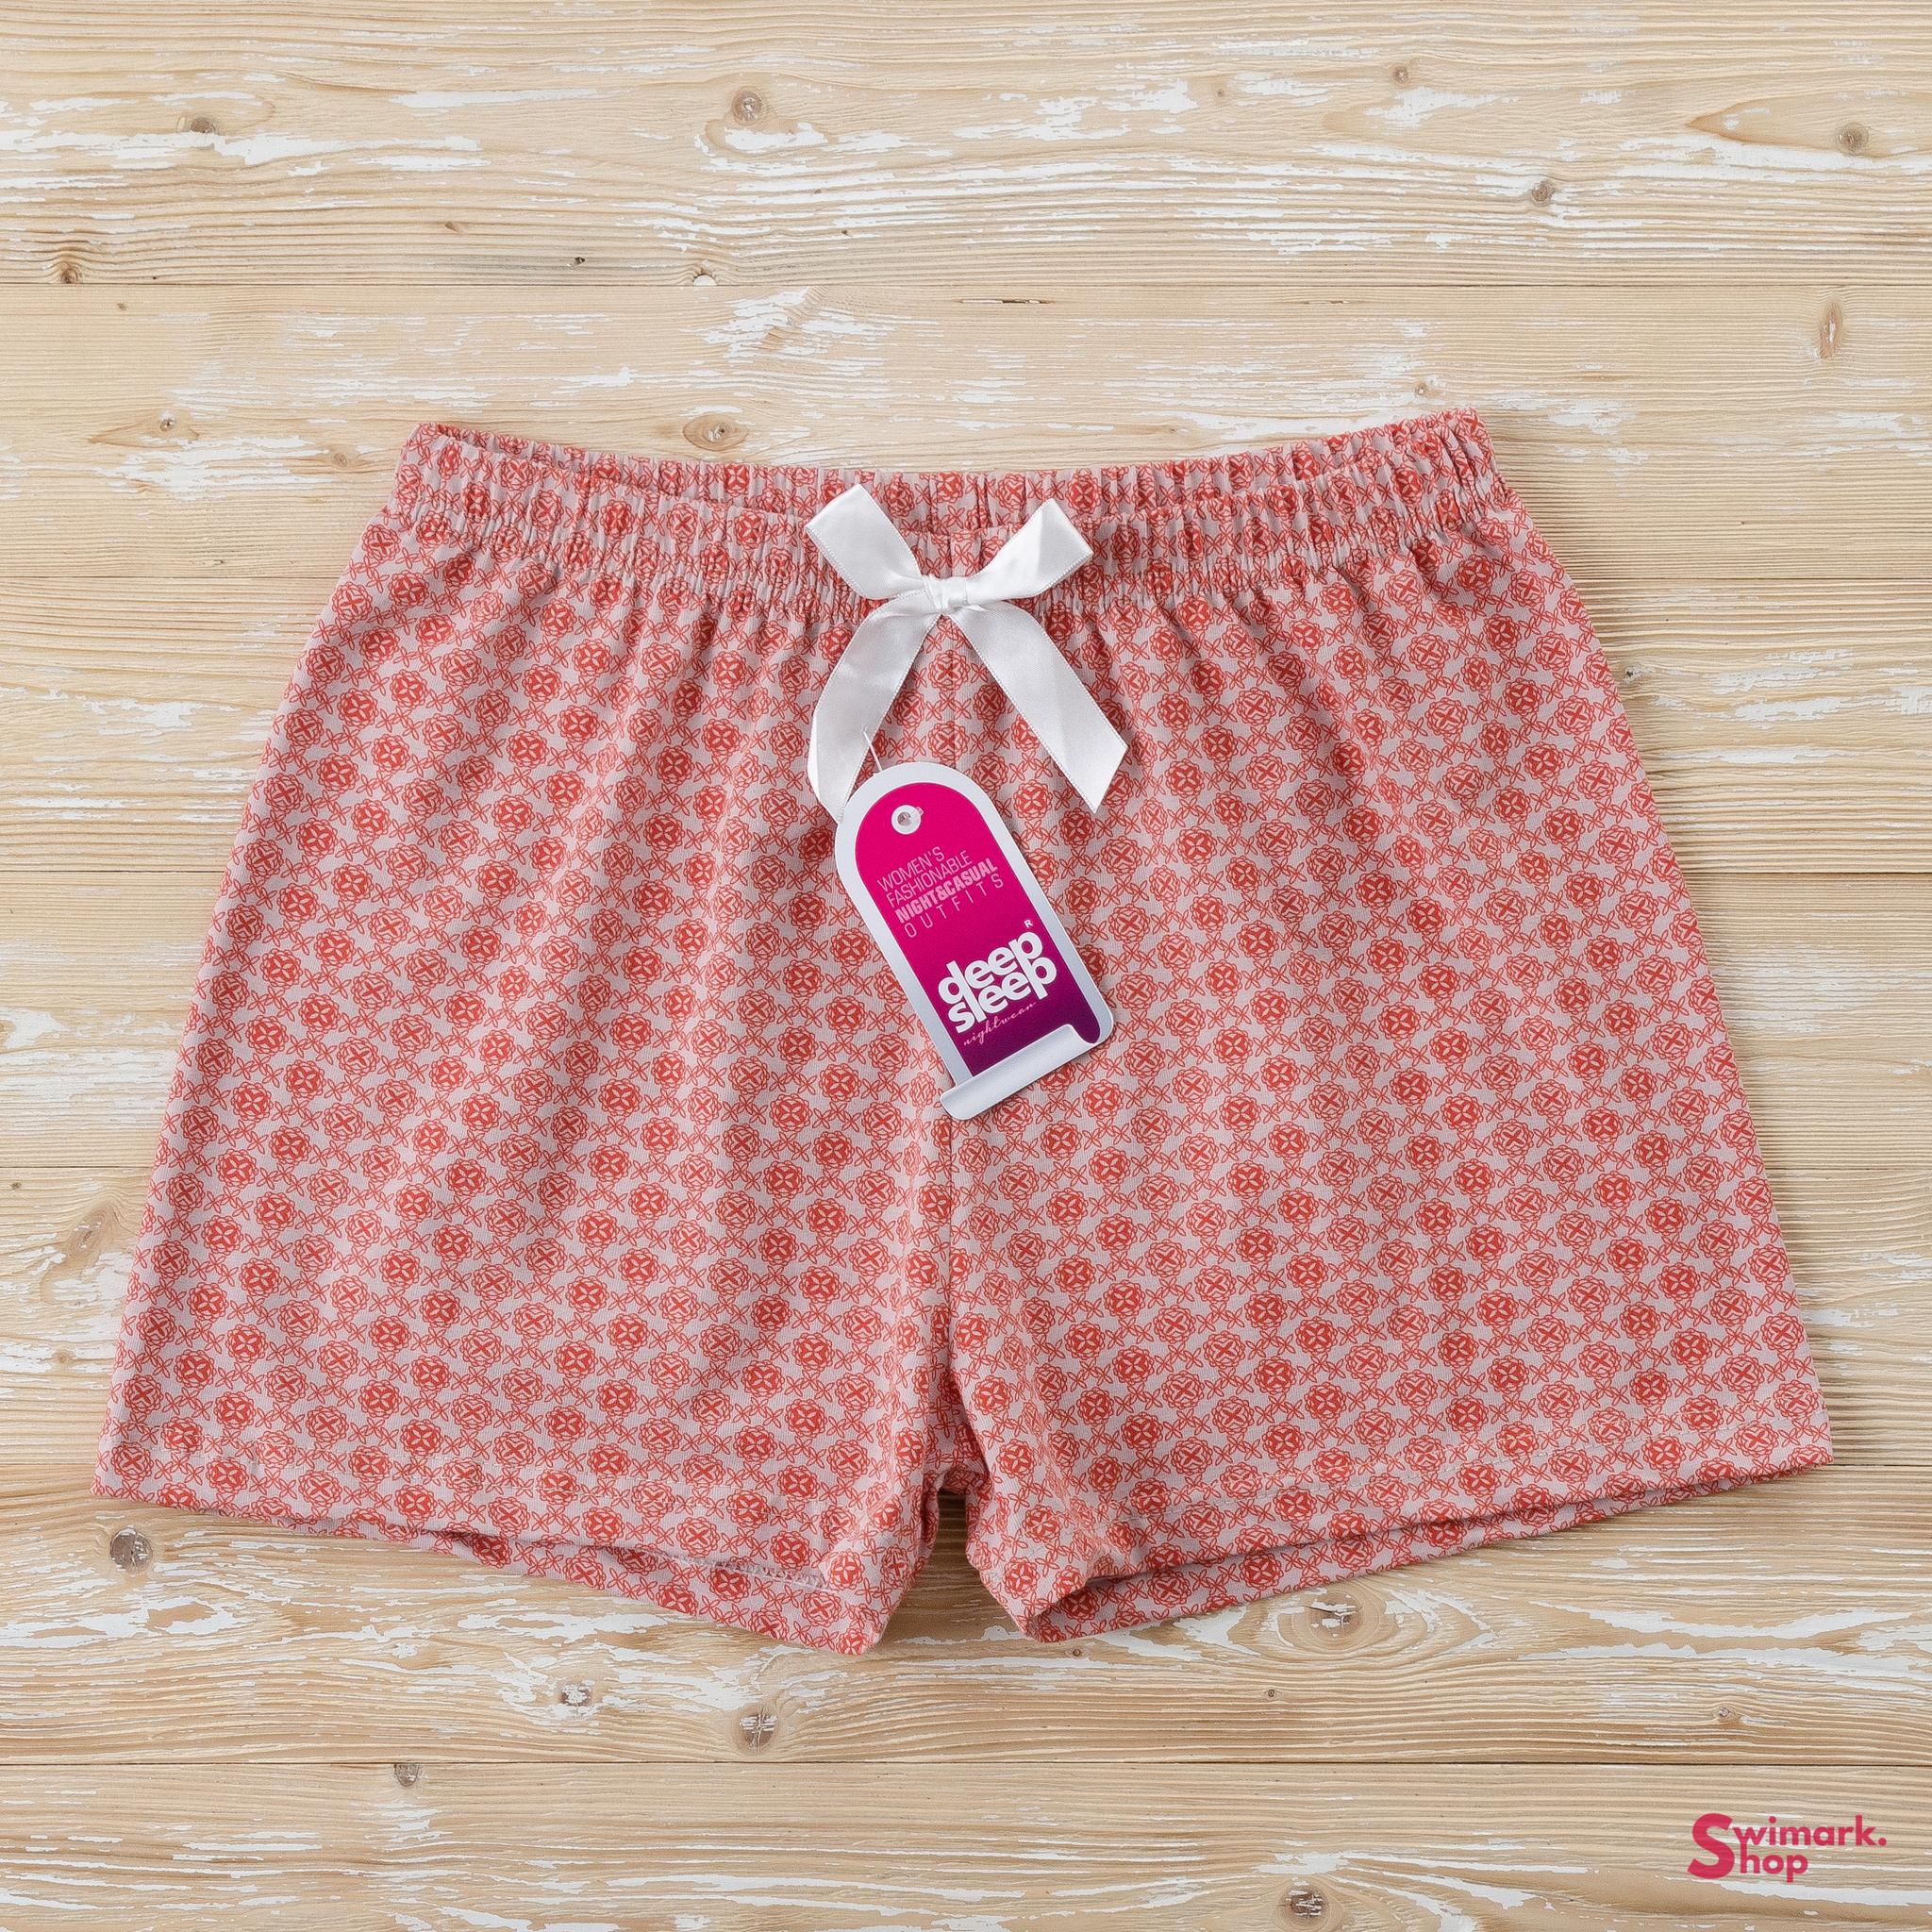 Пижамы Шортики пижамные Deep Sleep 12043-06 DSC_5564.jpg